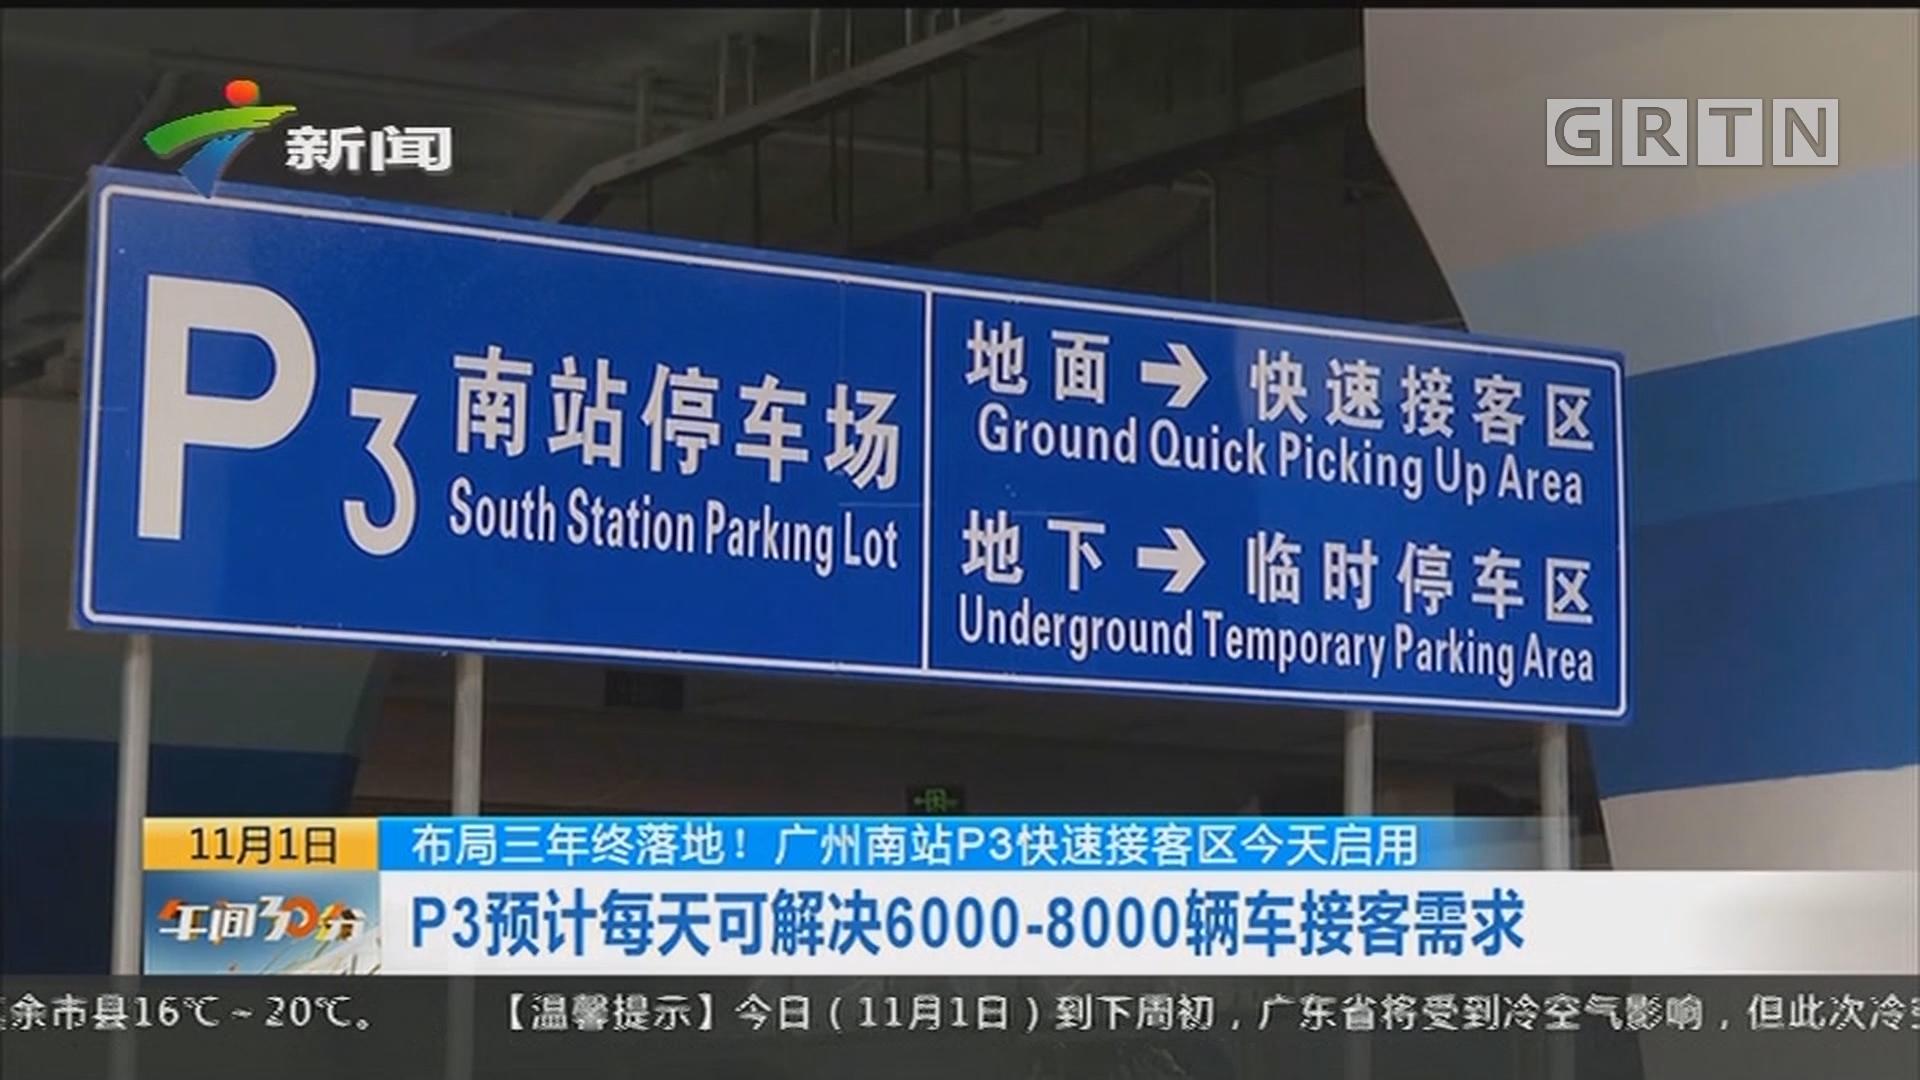 布局三年终落地!广州南站P3快速接客区今天启用 P3预计每天可解决6000-8000辆车接客需求